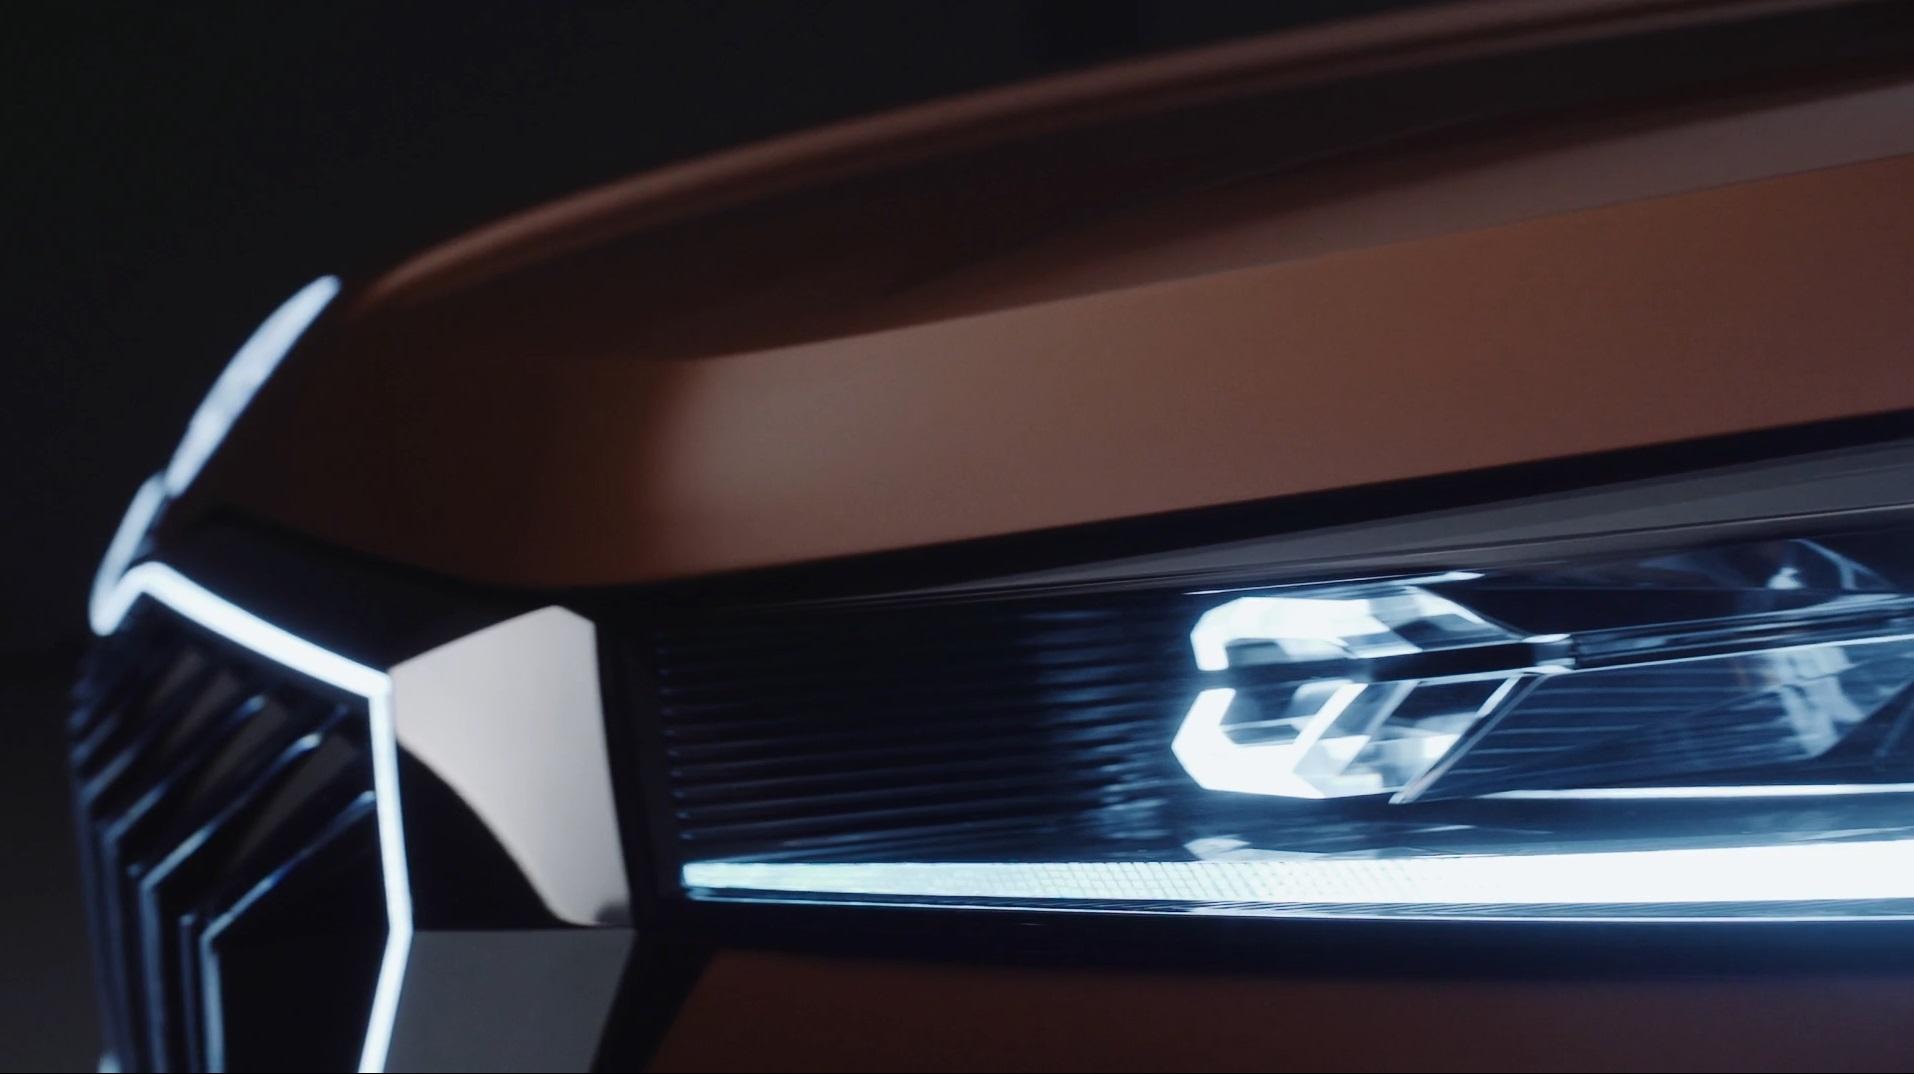 «Хрустальный» концепт Skoda как предвестник бюджетного SUV